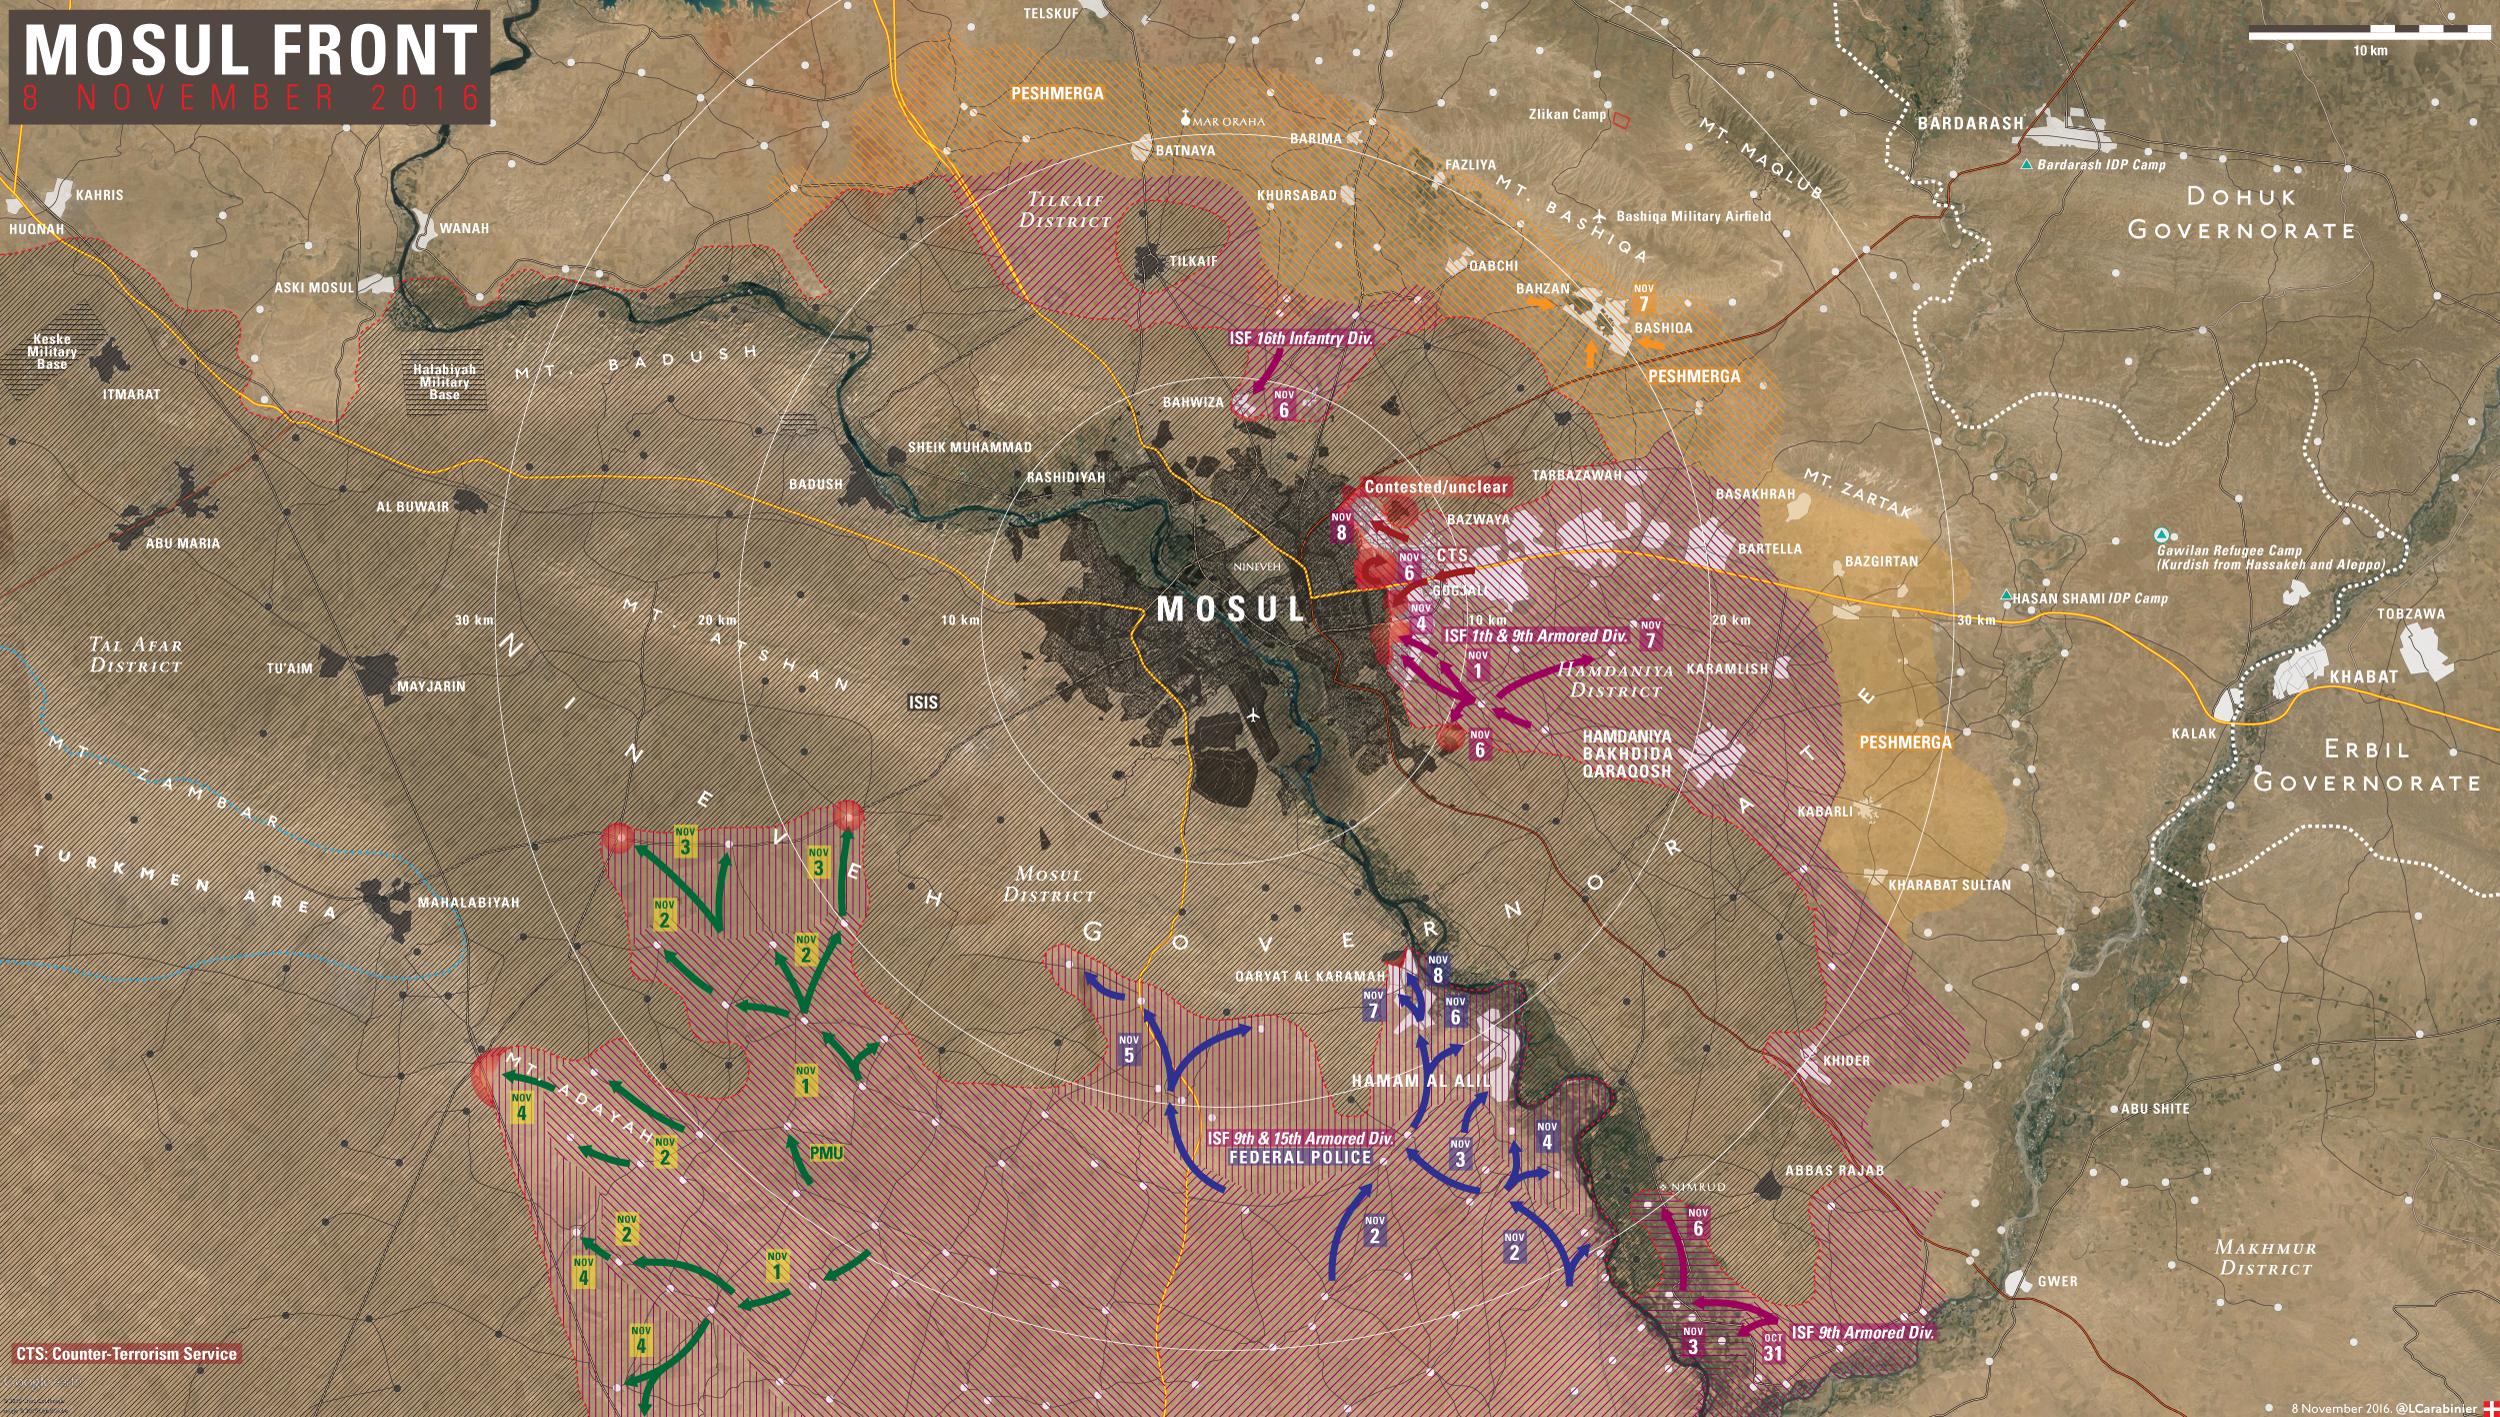 Klicken Sie auf die Karte um diese in voller Größe zu sehen - Karte: @LCarabinier